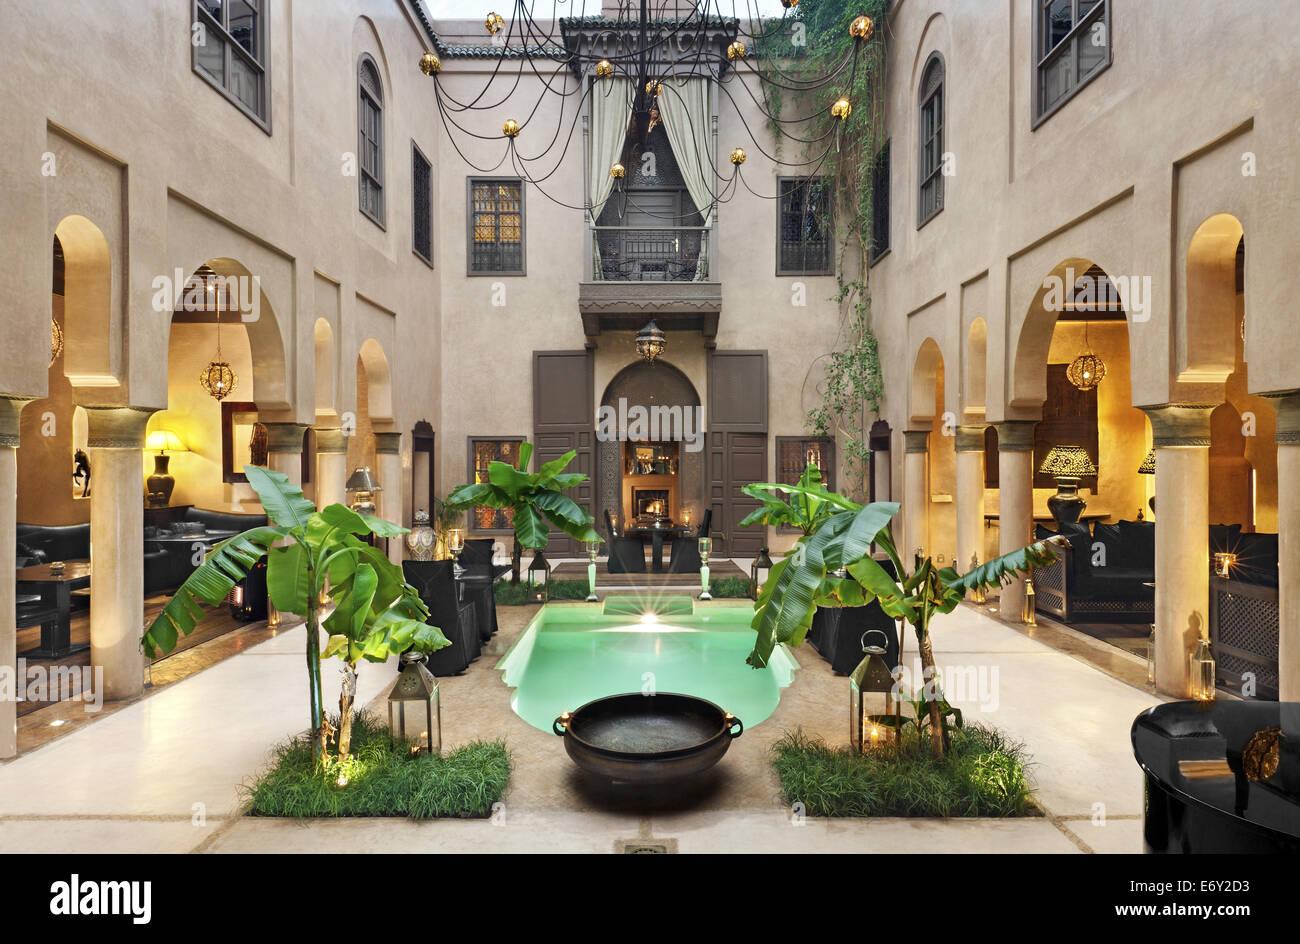 Interior courtyard, Riad Noir D'Ivoire, Marrakech, Morocco - Stock Image